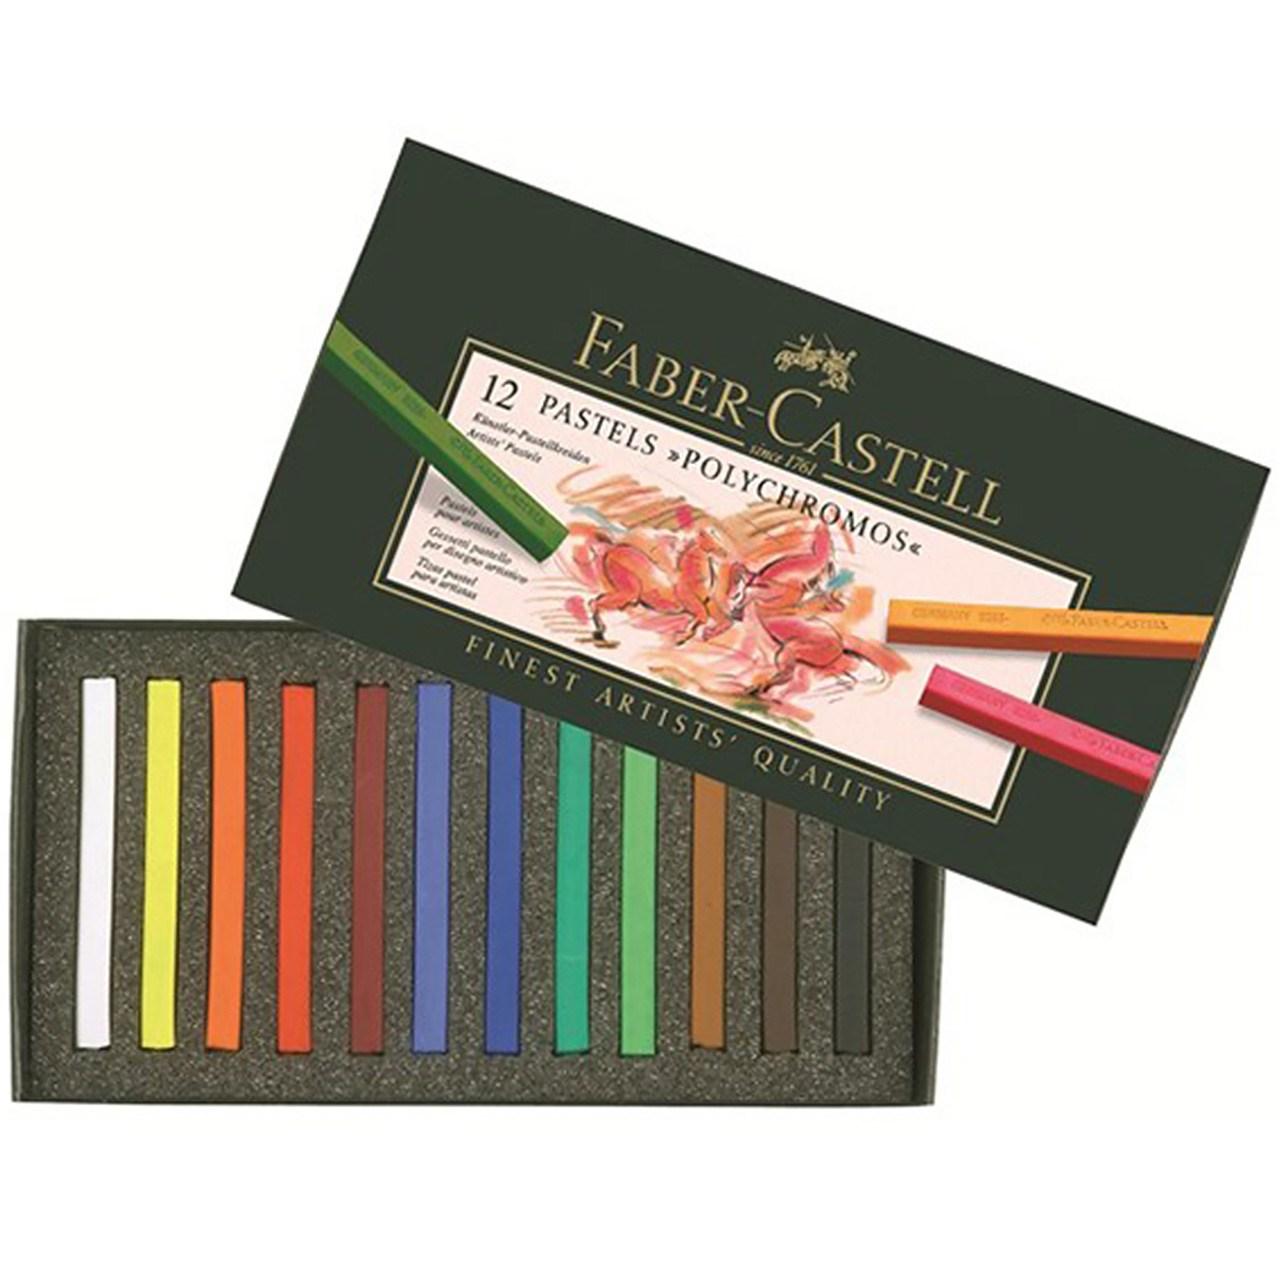 پاستل گچی 12 رنگ فابر-کاستل مدل Polychromos